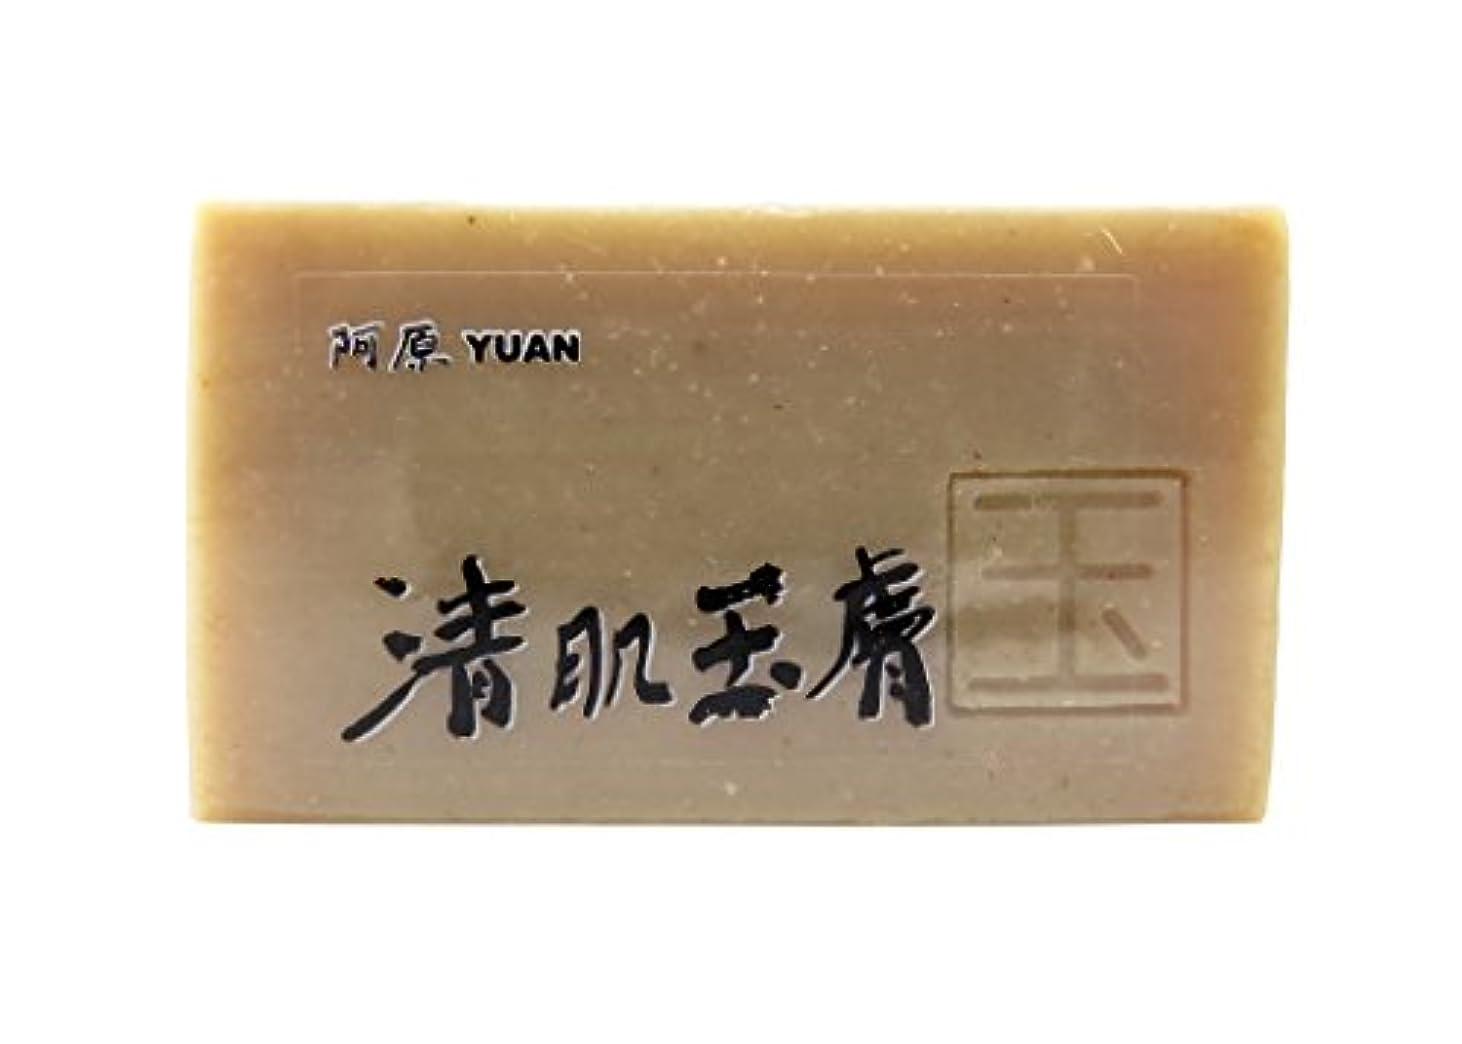 解くトマト木材ユアン(YUAN) 清玉(せいぎょく)ソープ 固形 100g (阿原 ユアンソープ)